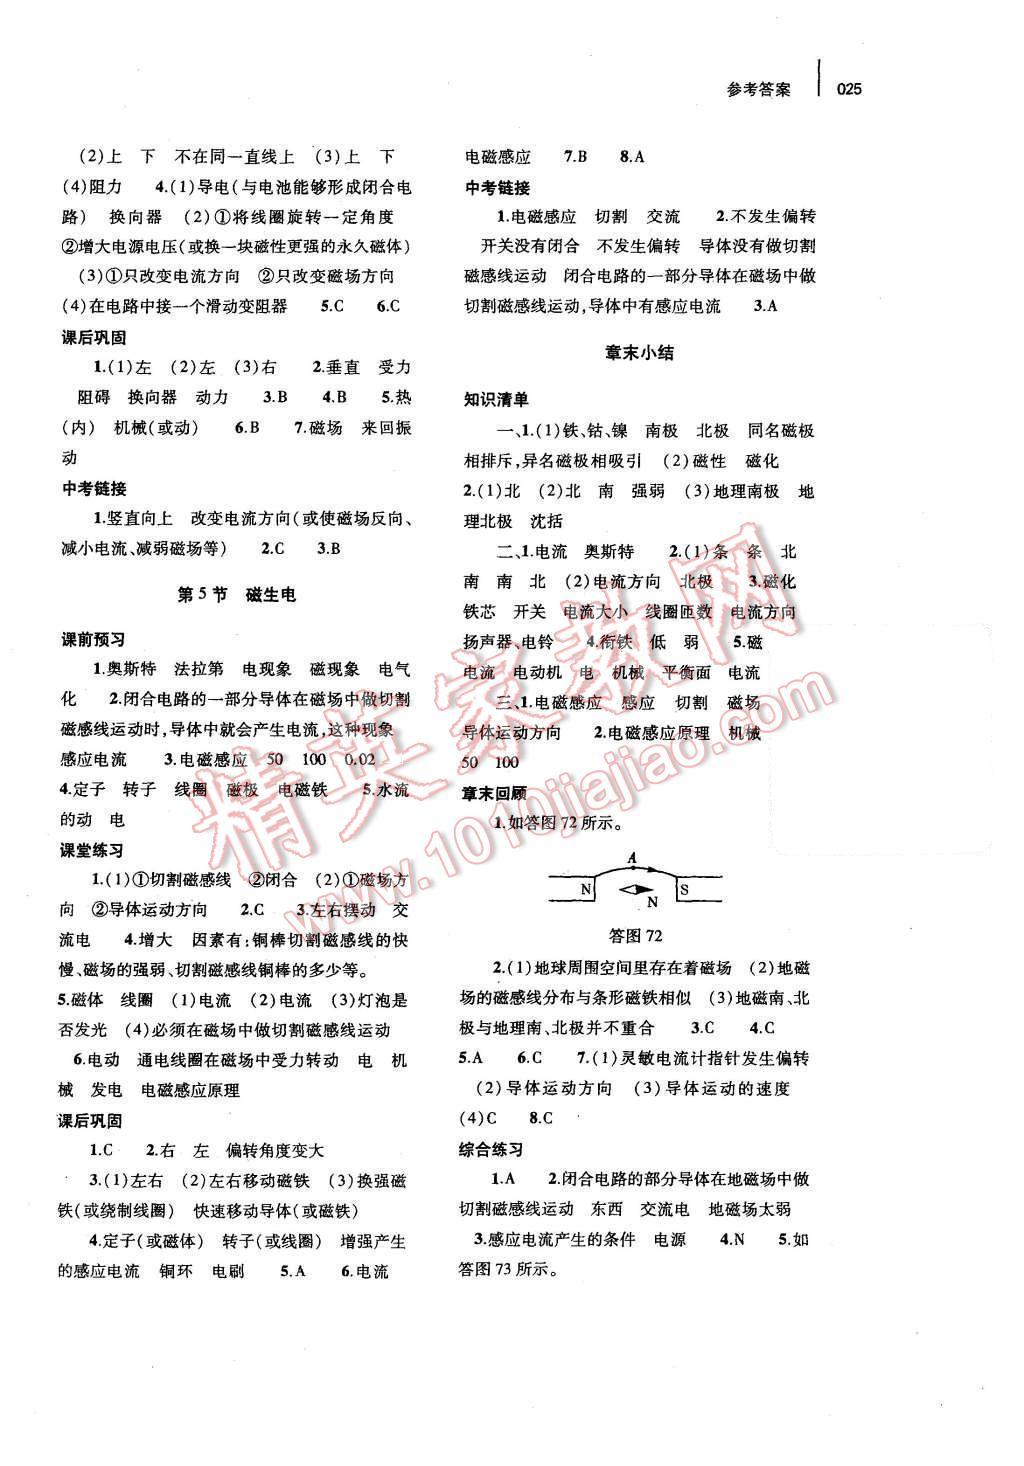 2015年基础训练九年级物理全一册人教版河南省内使用参考答案第37页